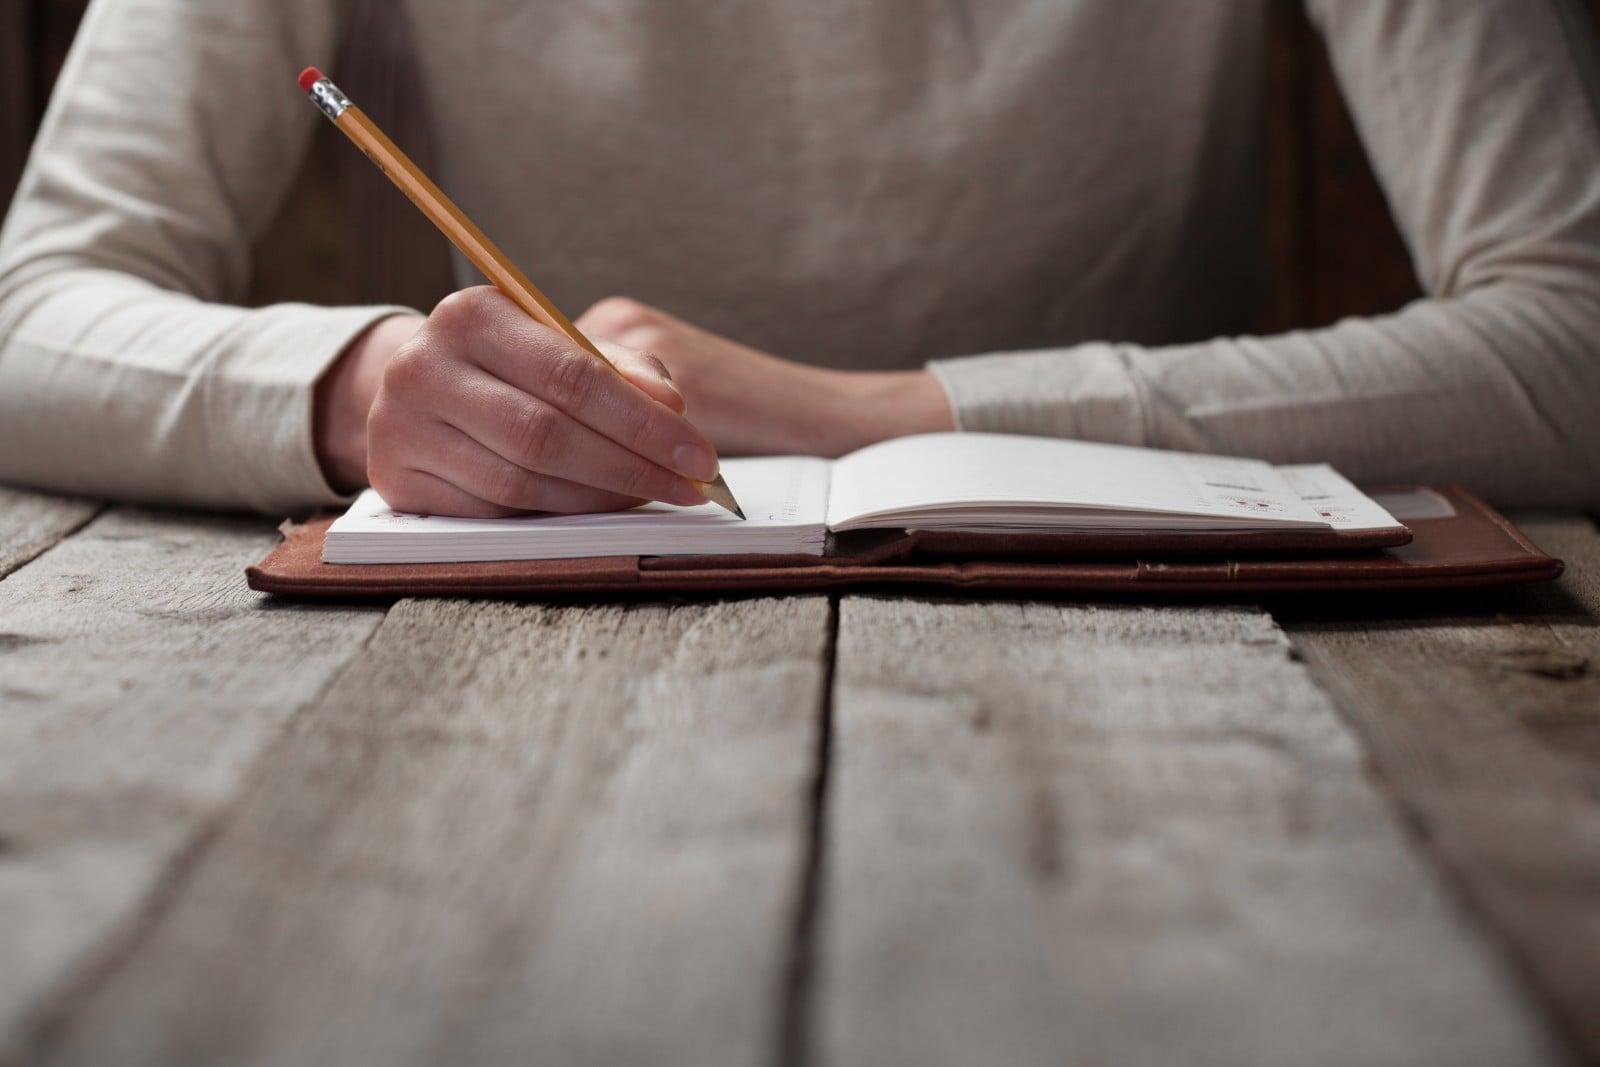 Kuinka nopeasti oppia kirjoittamaan ilman virheitä: Neljä yksinkertaista hengenpelaa